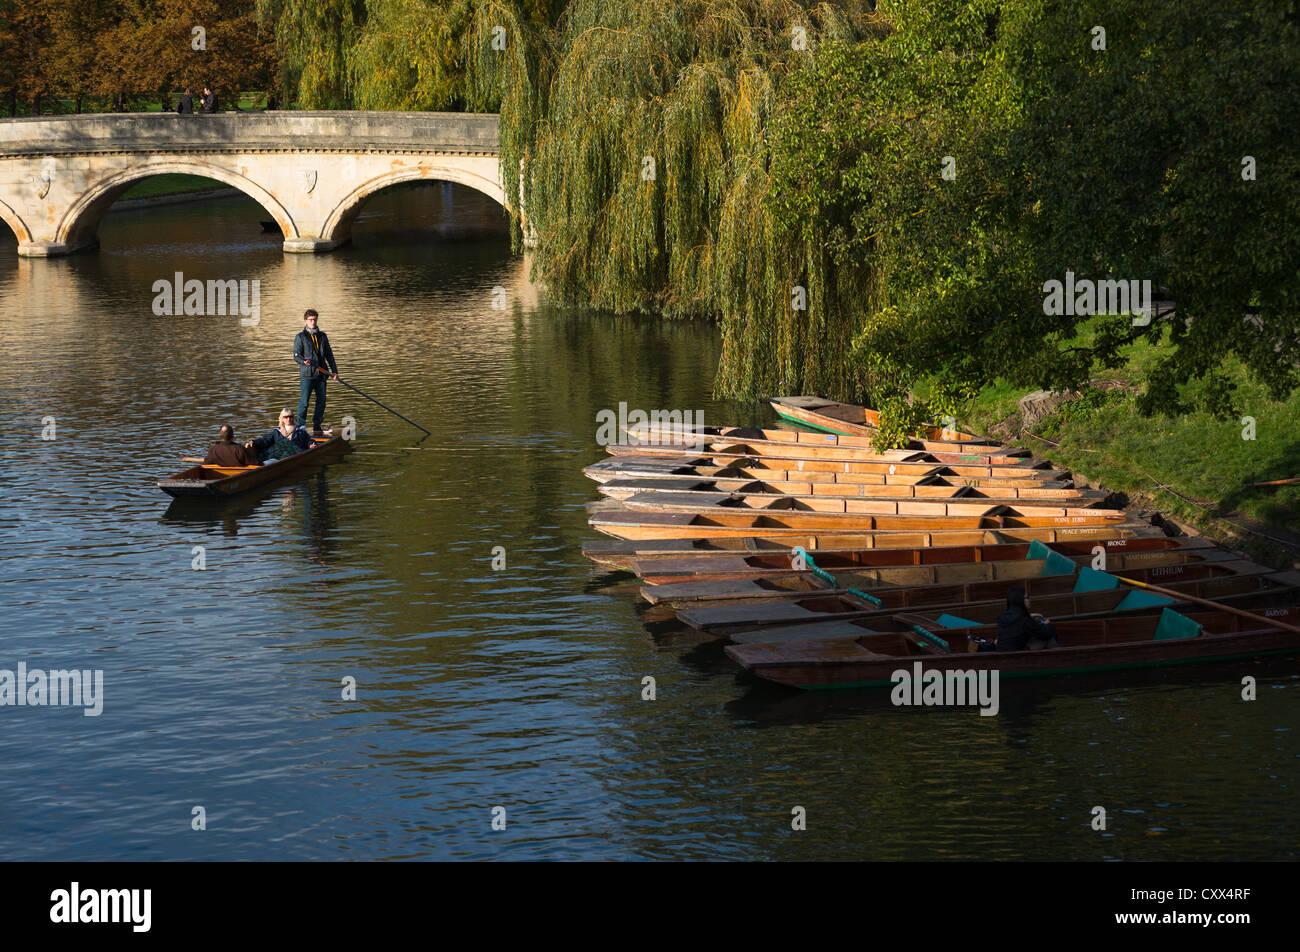 Punting on the river Cam, Cambridge. CambridgeshireEngland, UK. - Stock Image